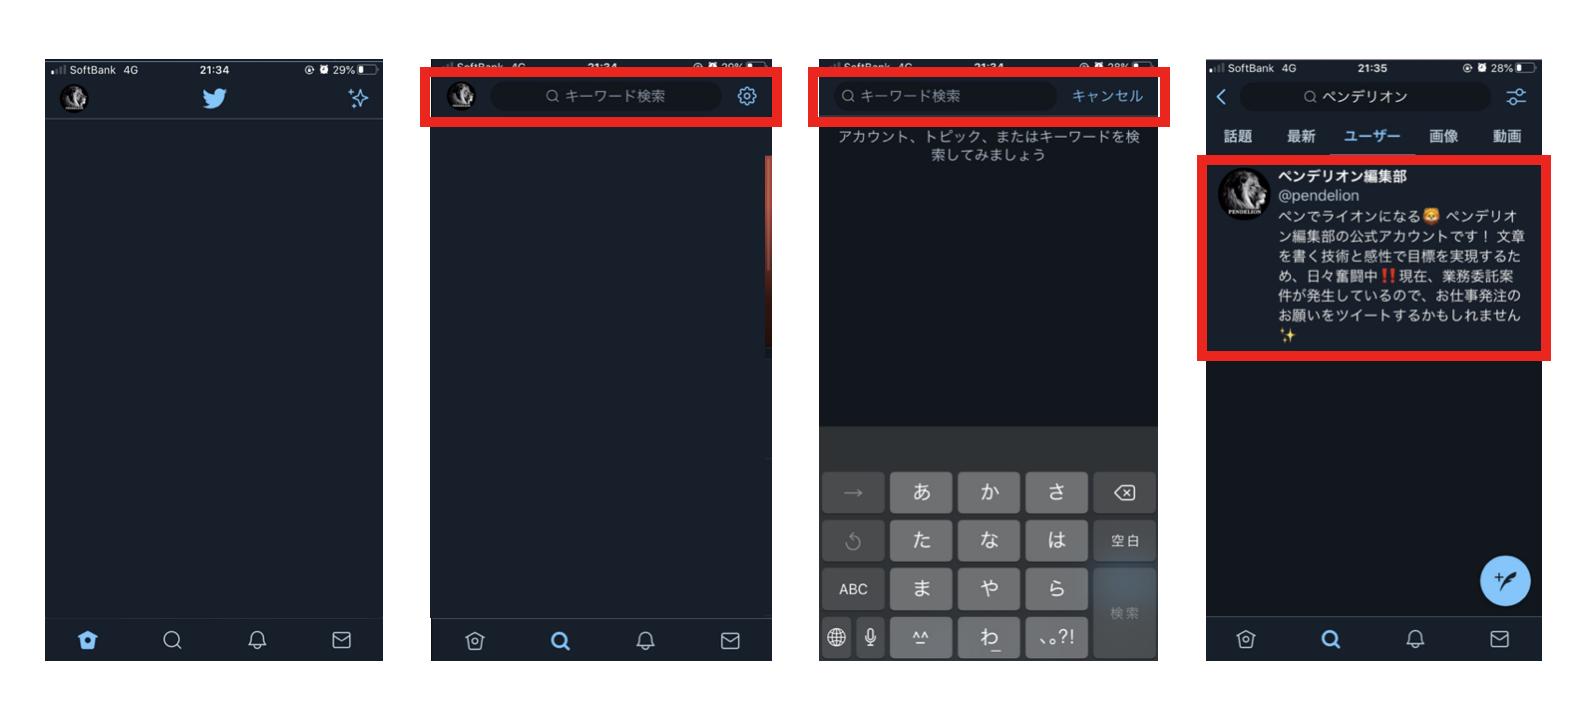 スマホを使ったTwitterでプロフィールを検索する方法を3ステップで解説